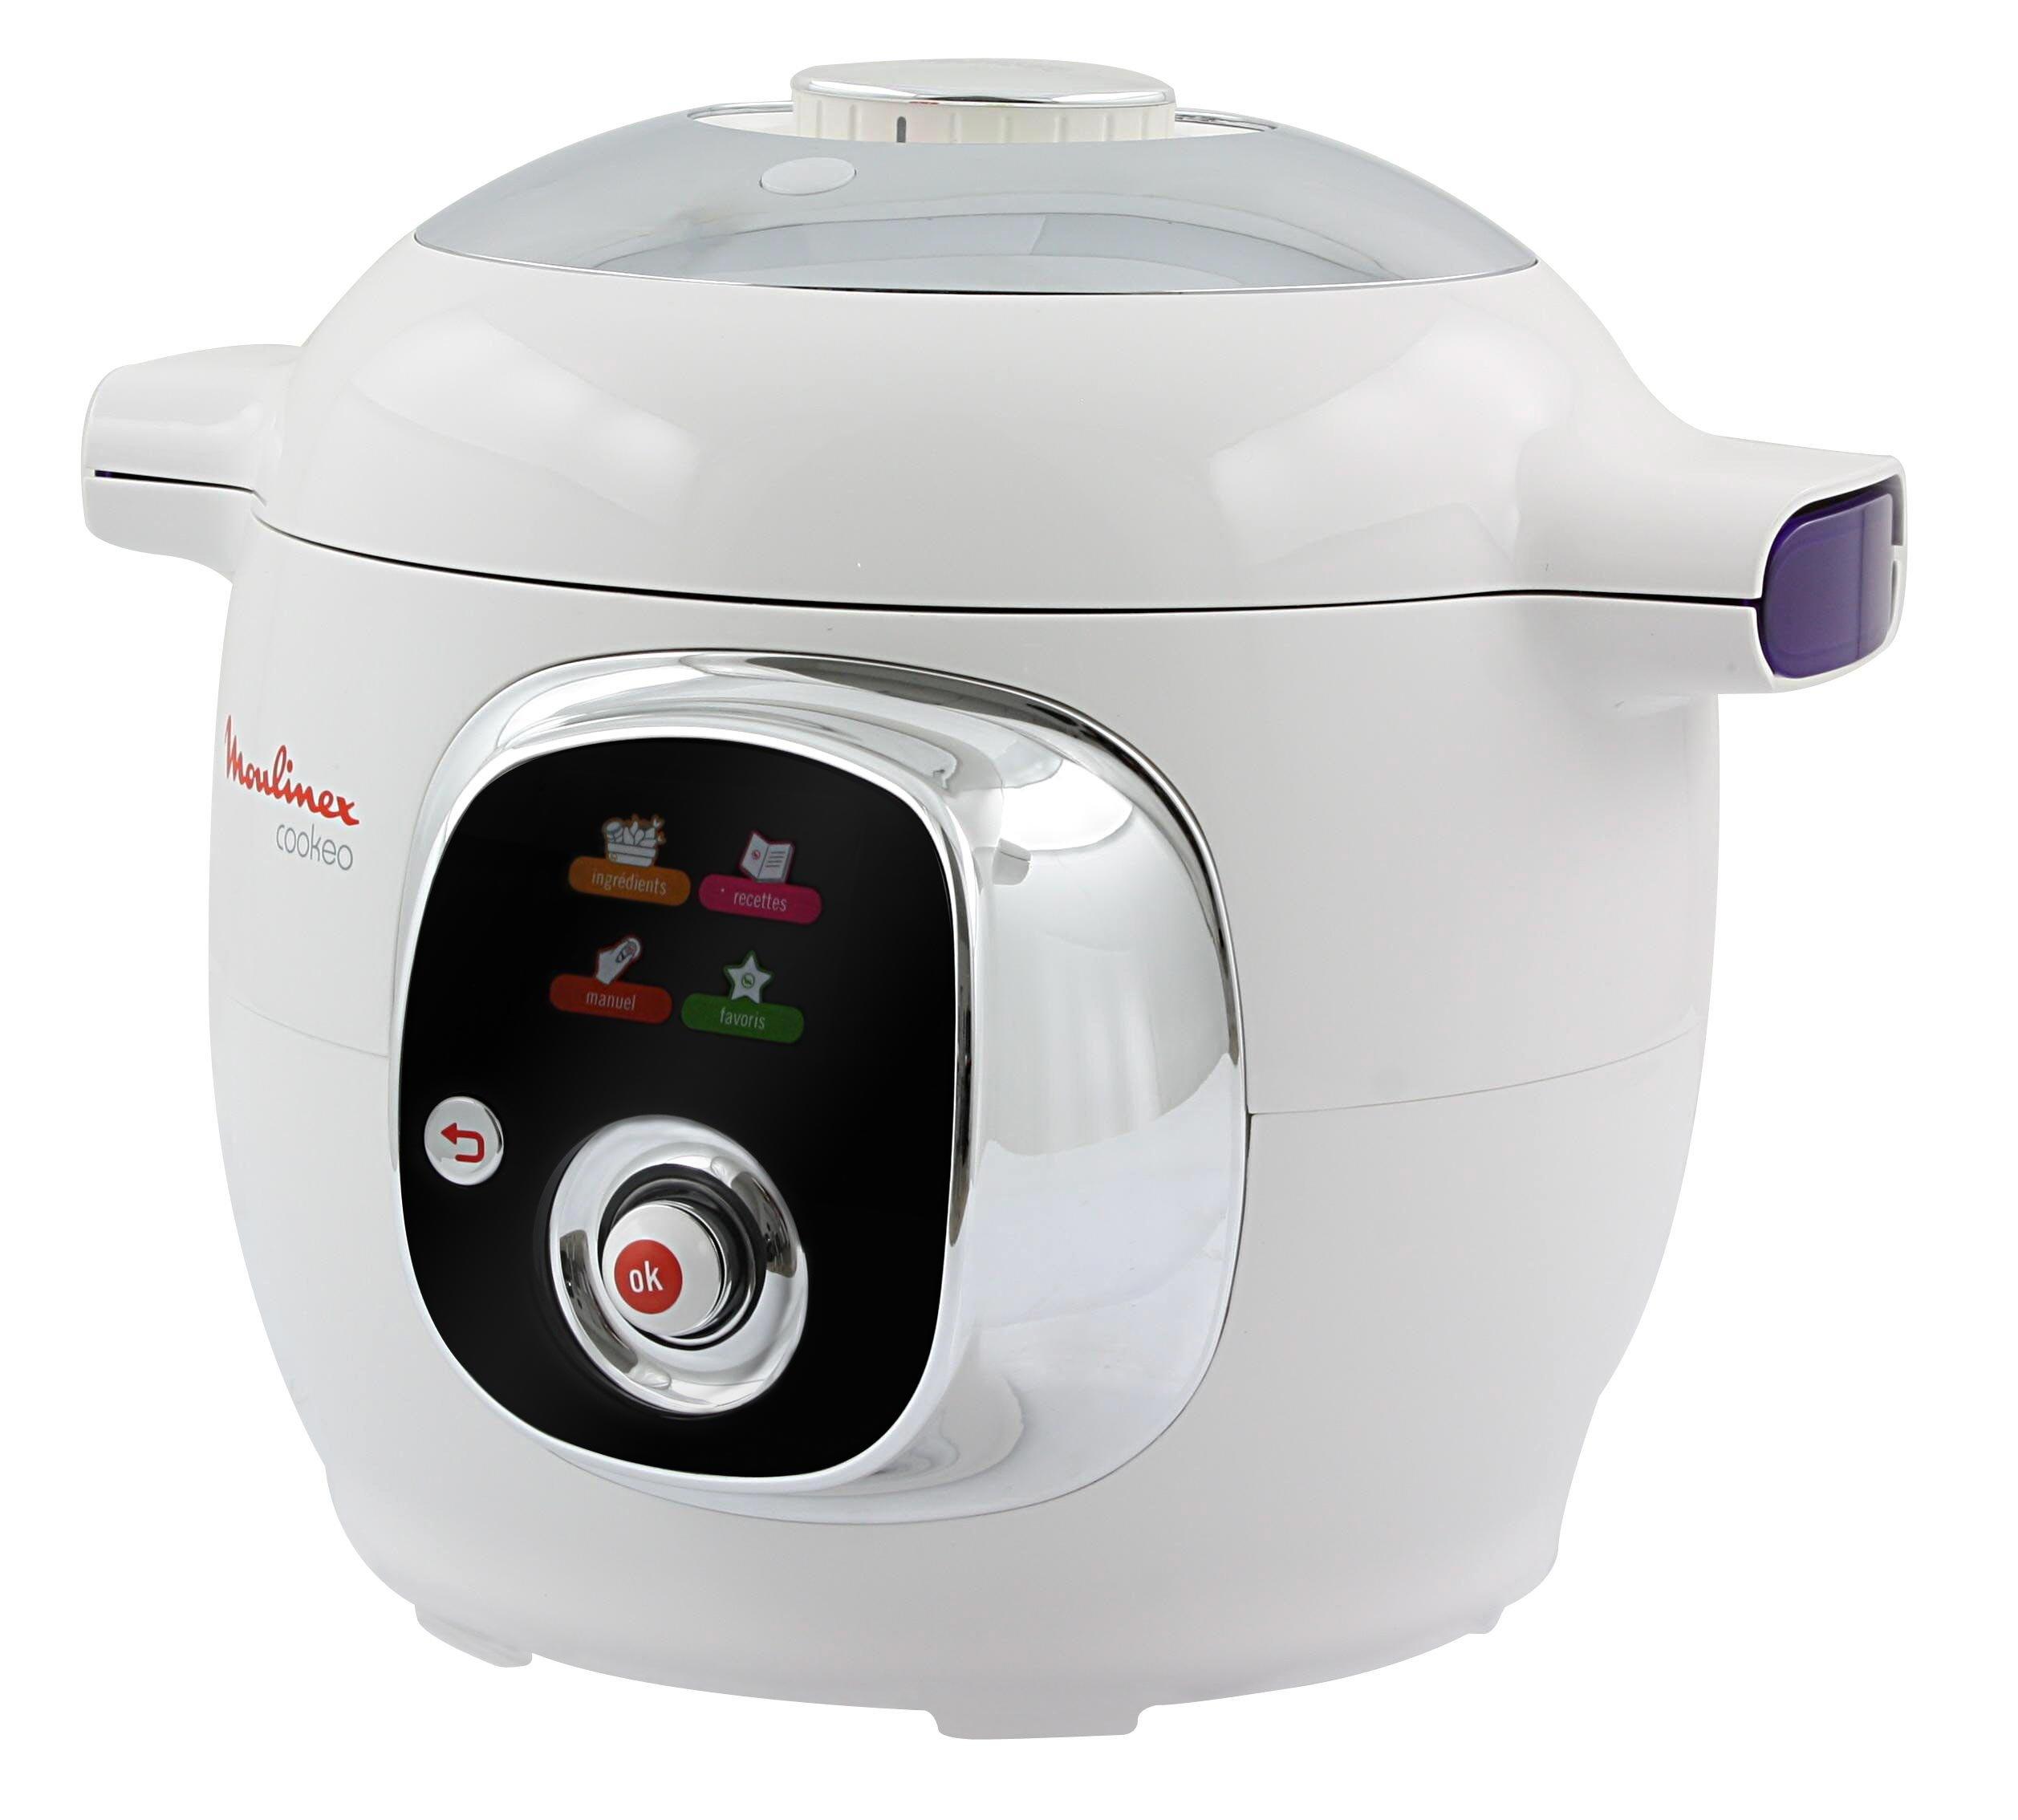 Robot cocina moulinex cookeo recetas